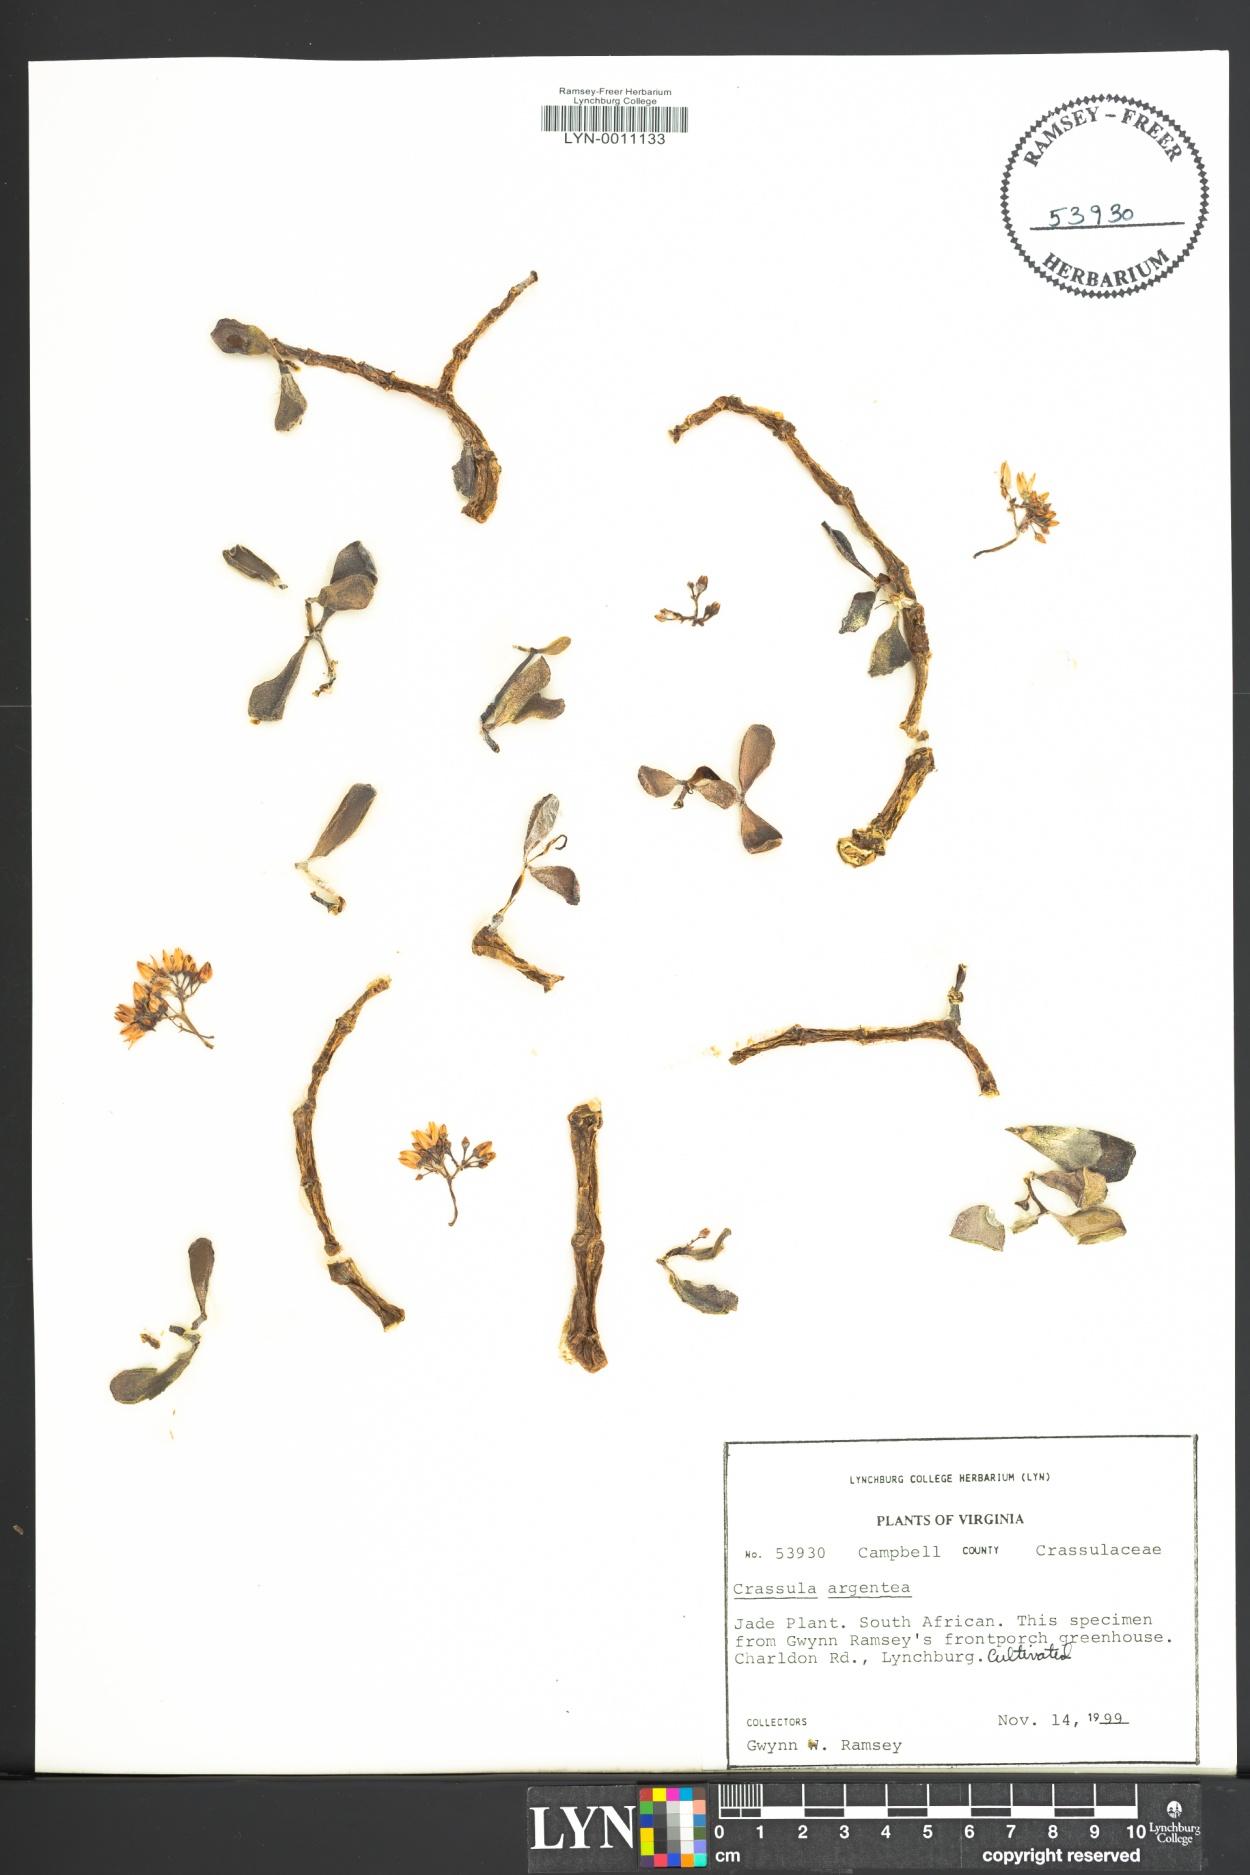 Crassula argentea image